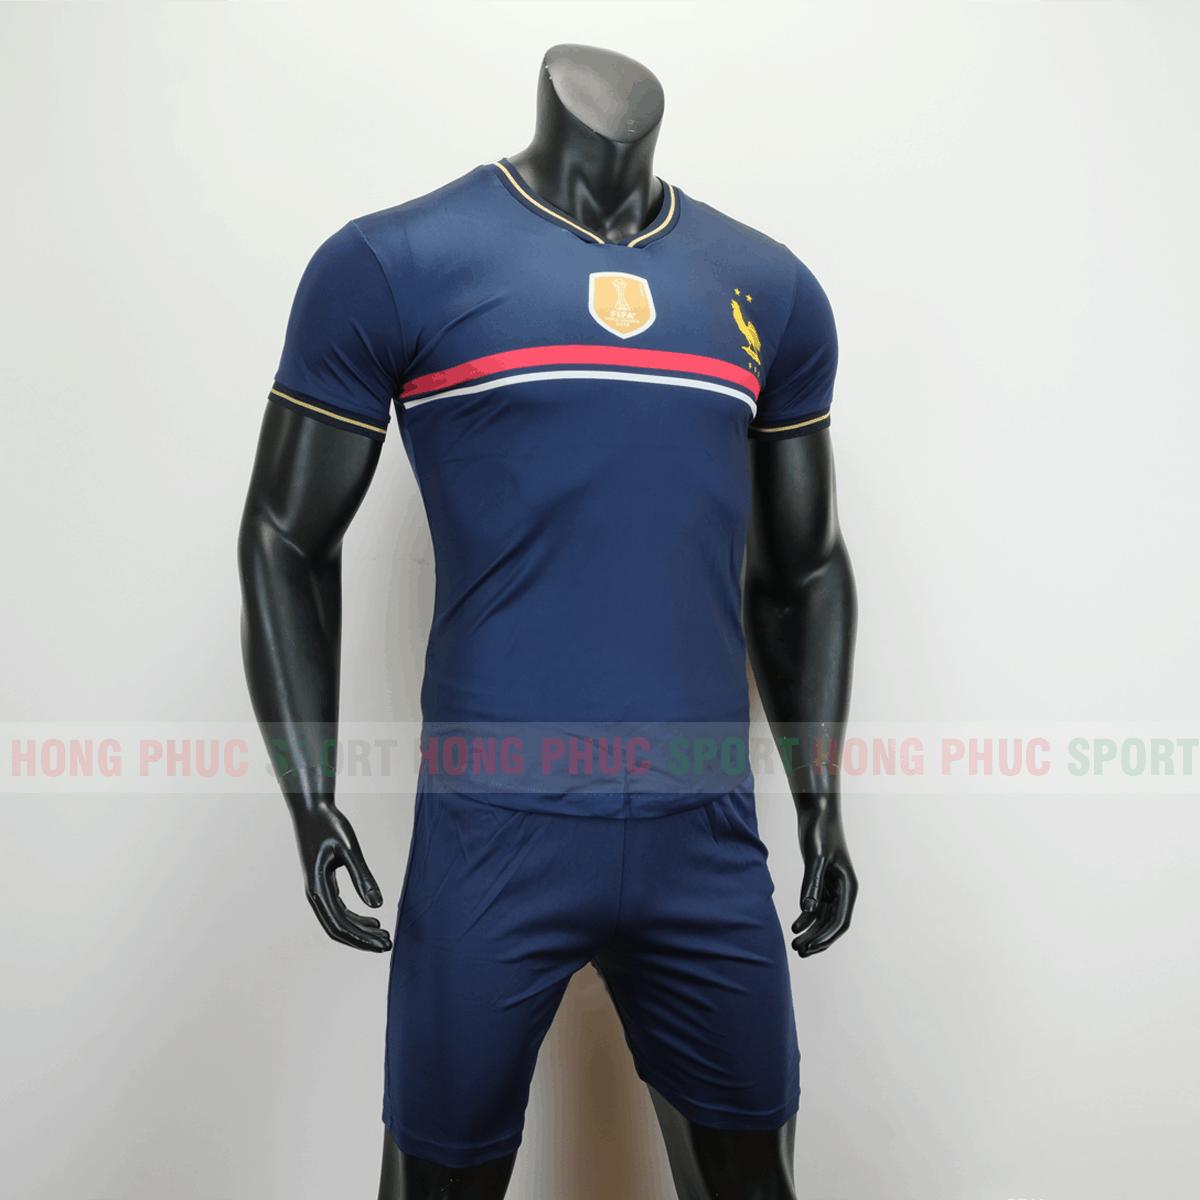 Áo bóng đá đội tuyển quốc gia Pháp 2019 màu tím than